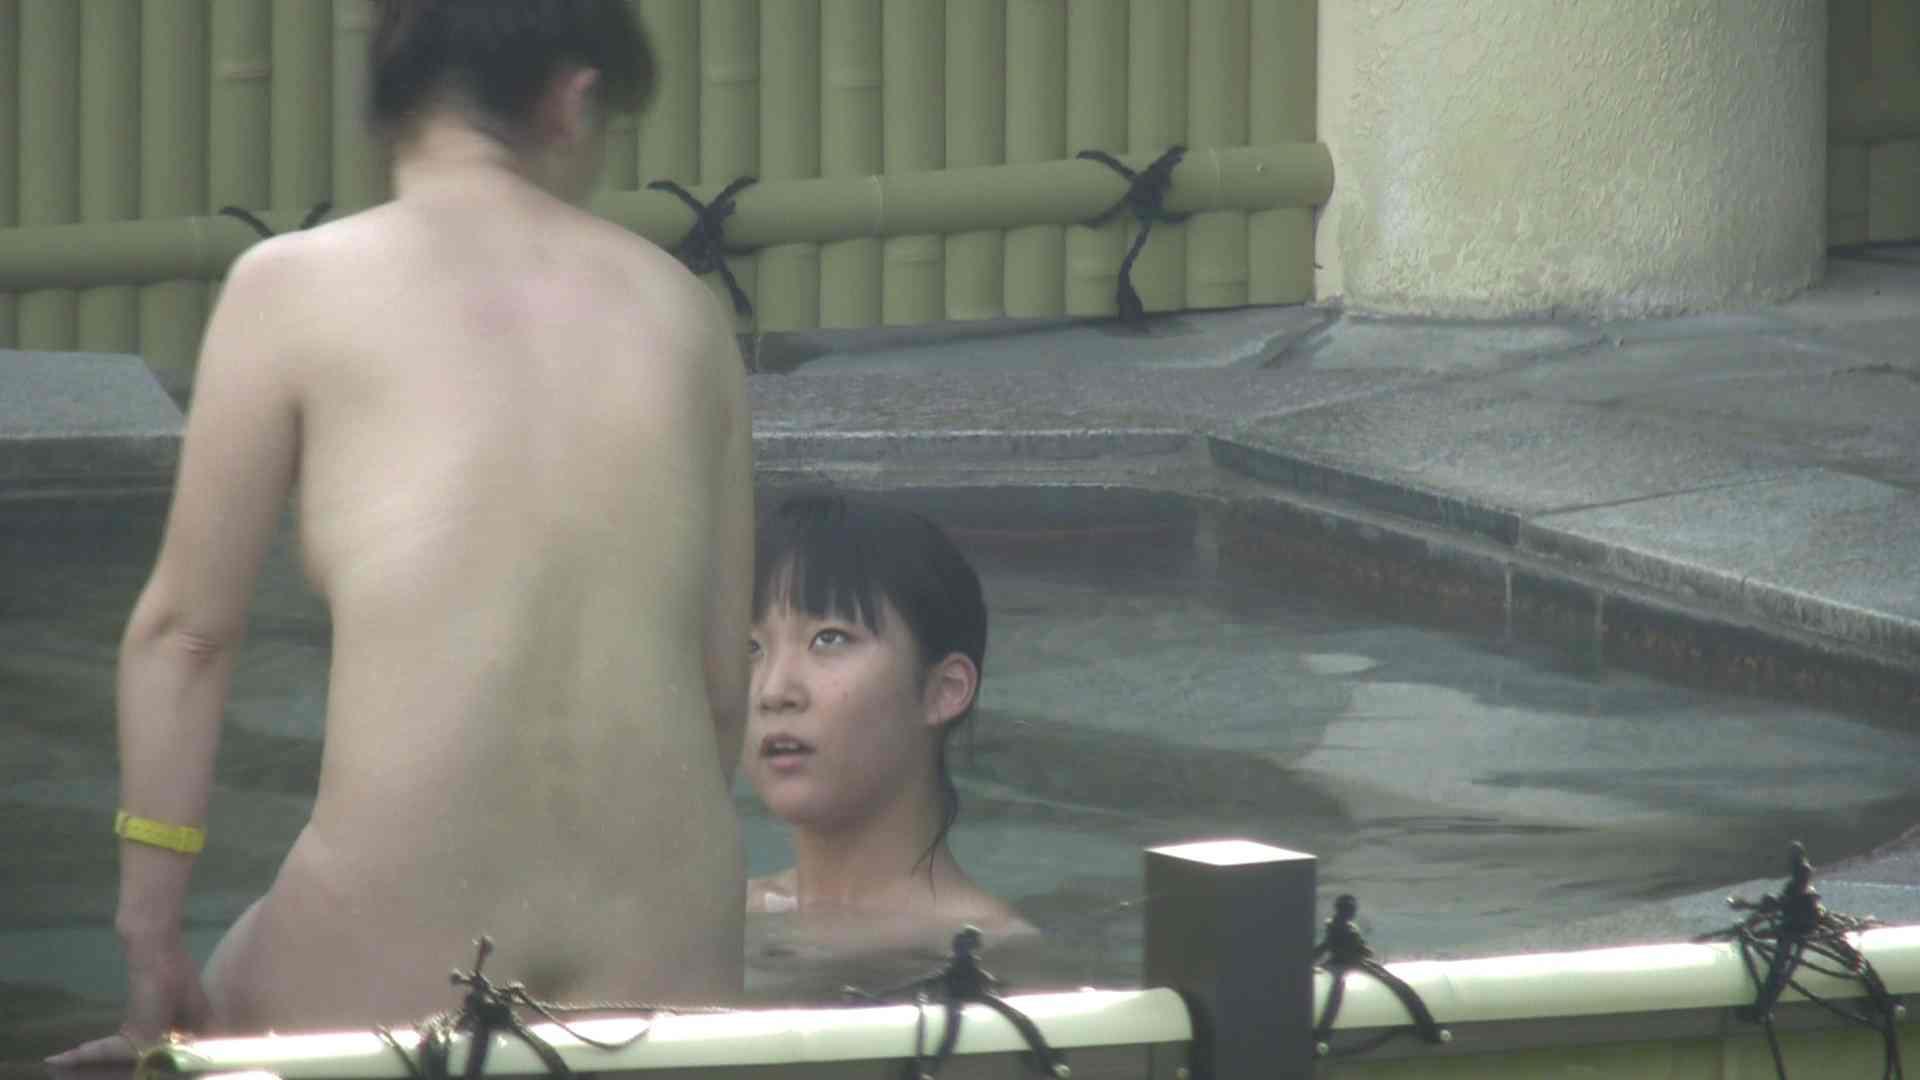 Aquaな露天風呂Vol.196 美しいOLの裸体   盗撮師作品  72pic 28